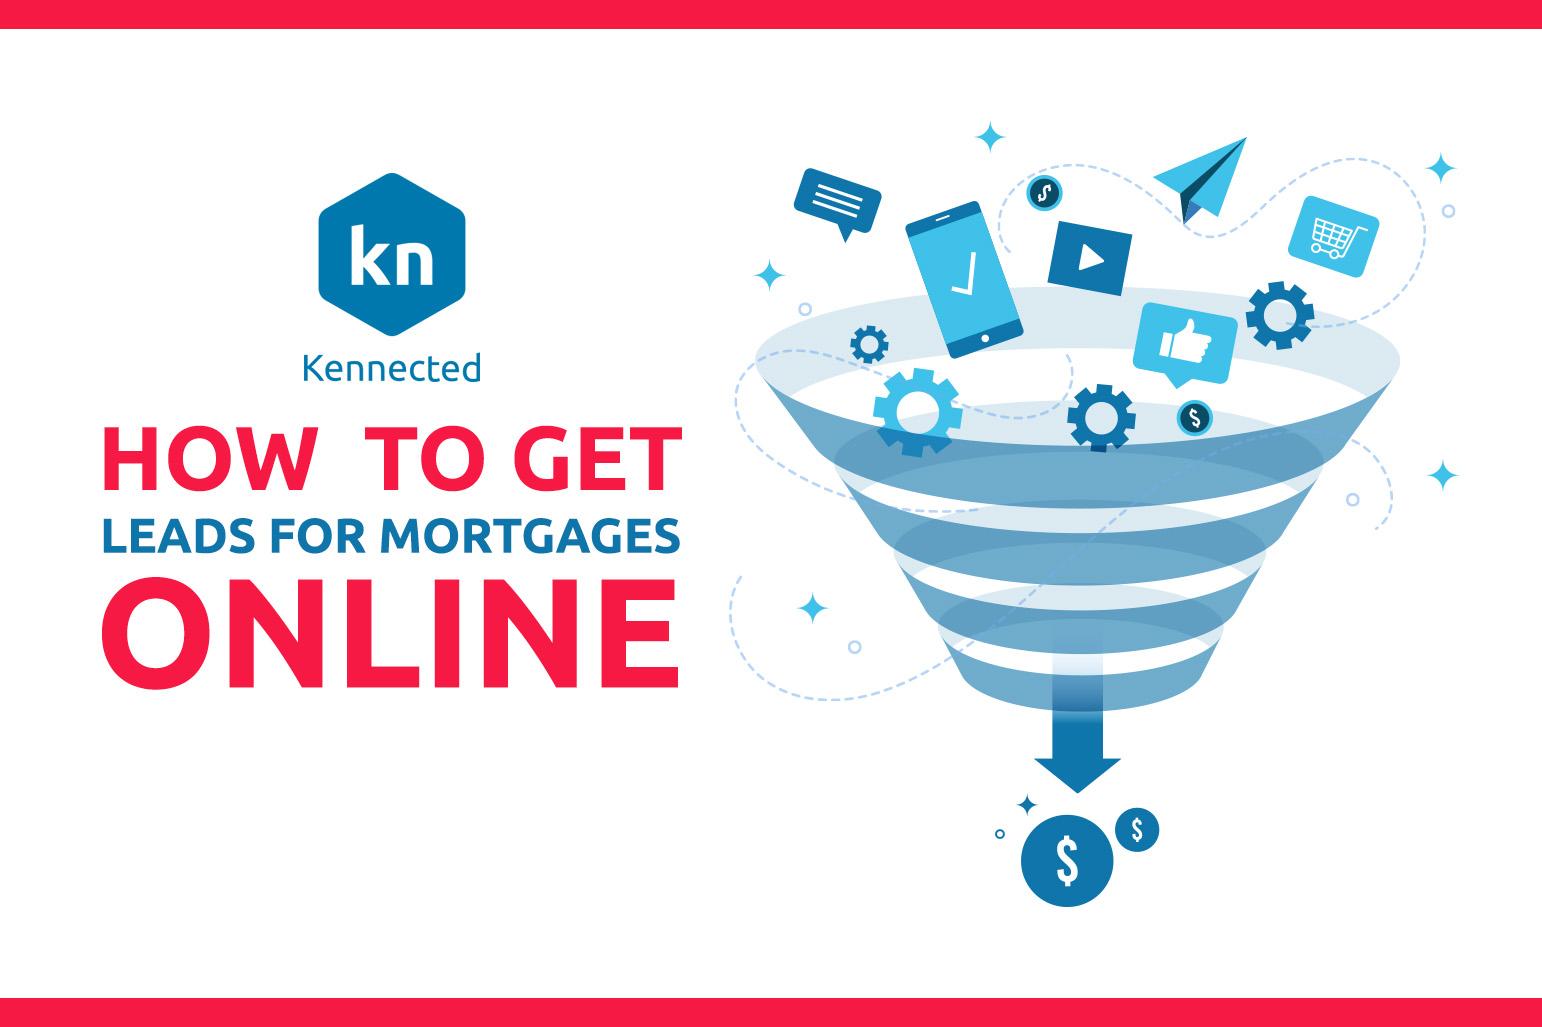 Comment obtenir des pistes pour des prêts hypothécaires en ligne